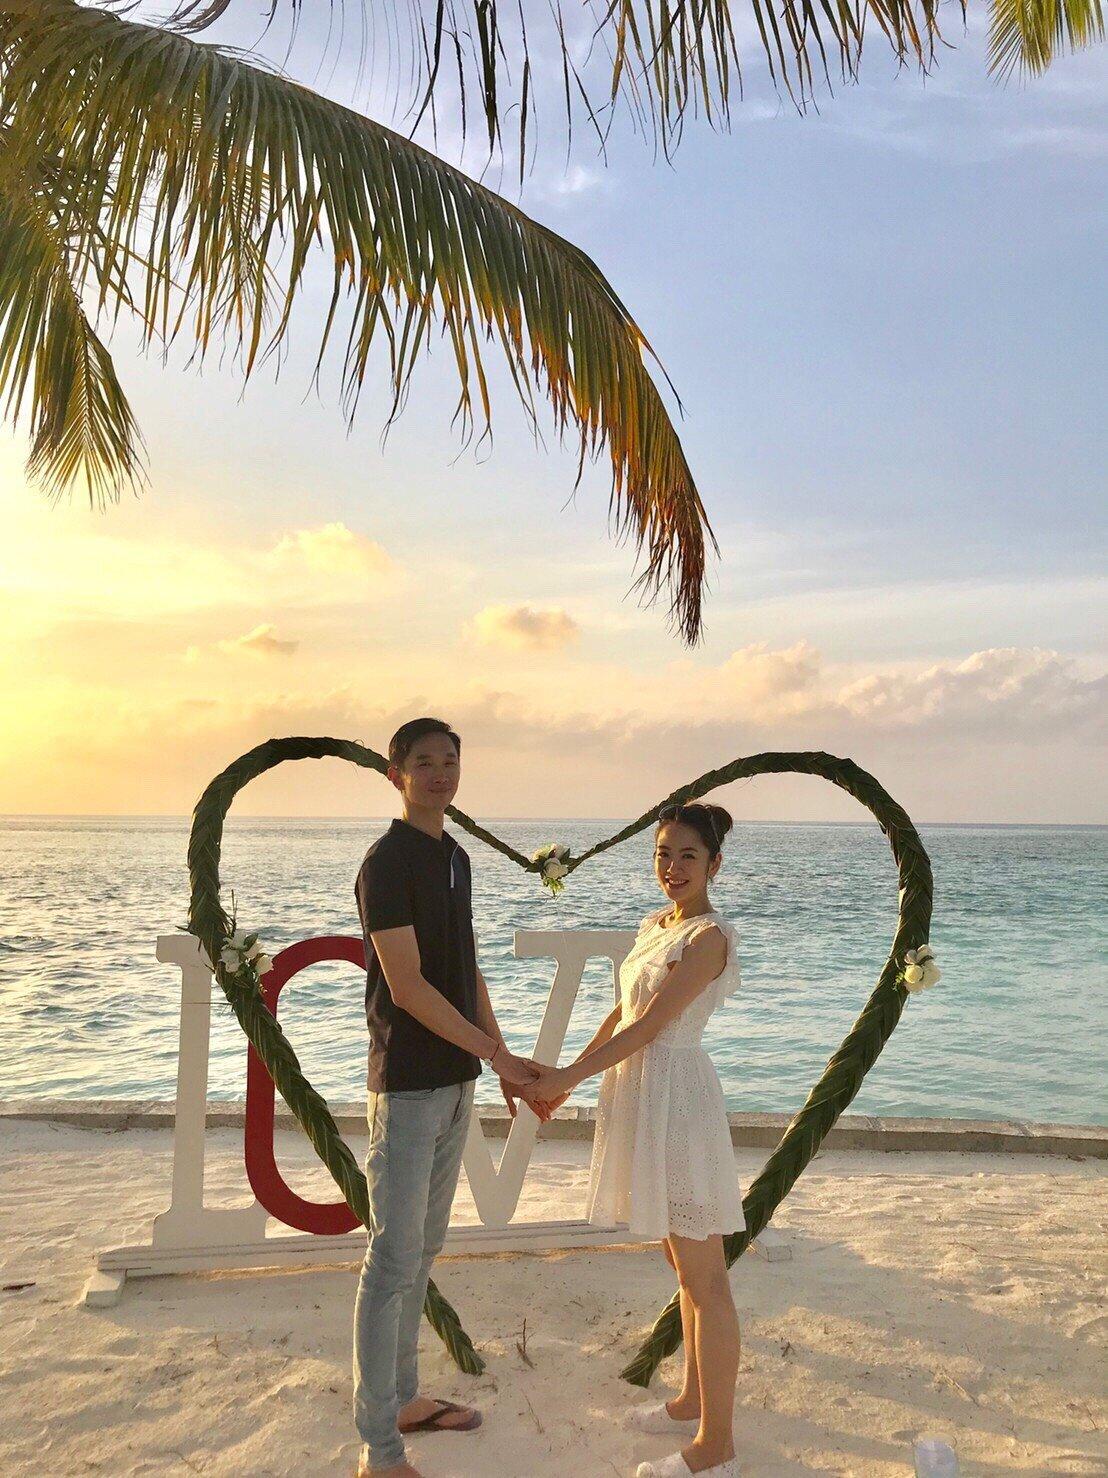 ▲楊千霈與先生都是第一次去海島國家,決定把彼此的第一次獻給馬爾地夫。